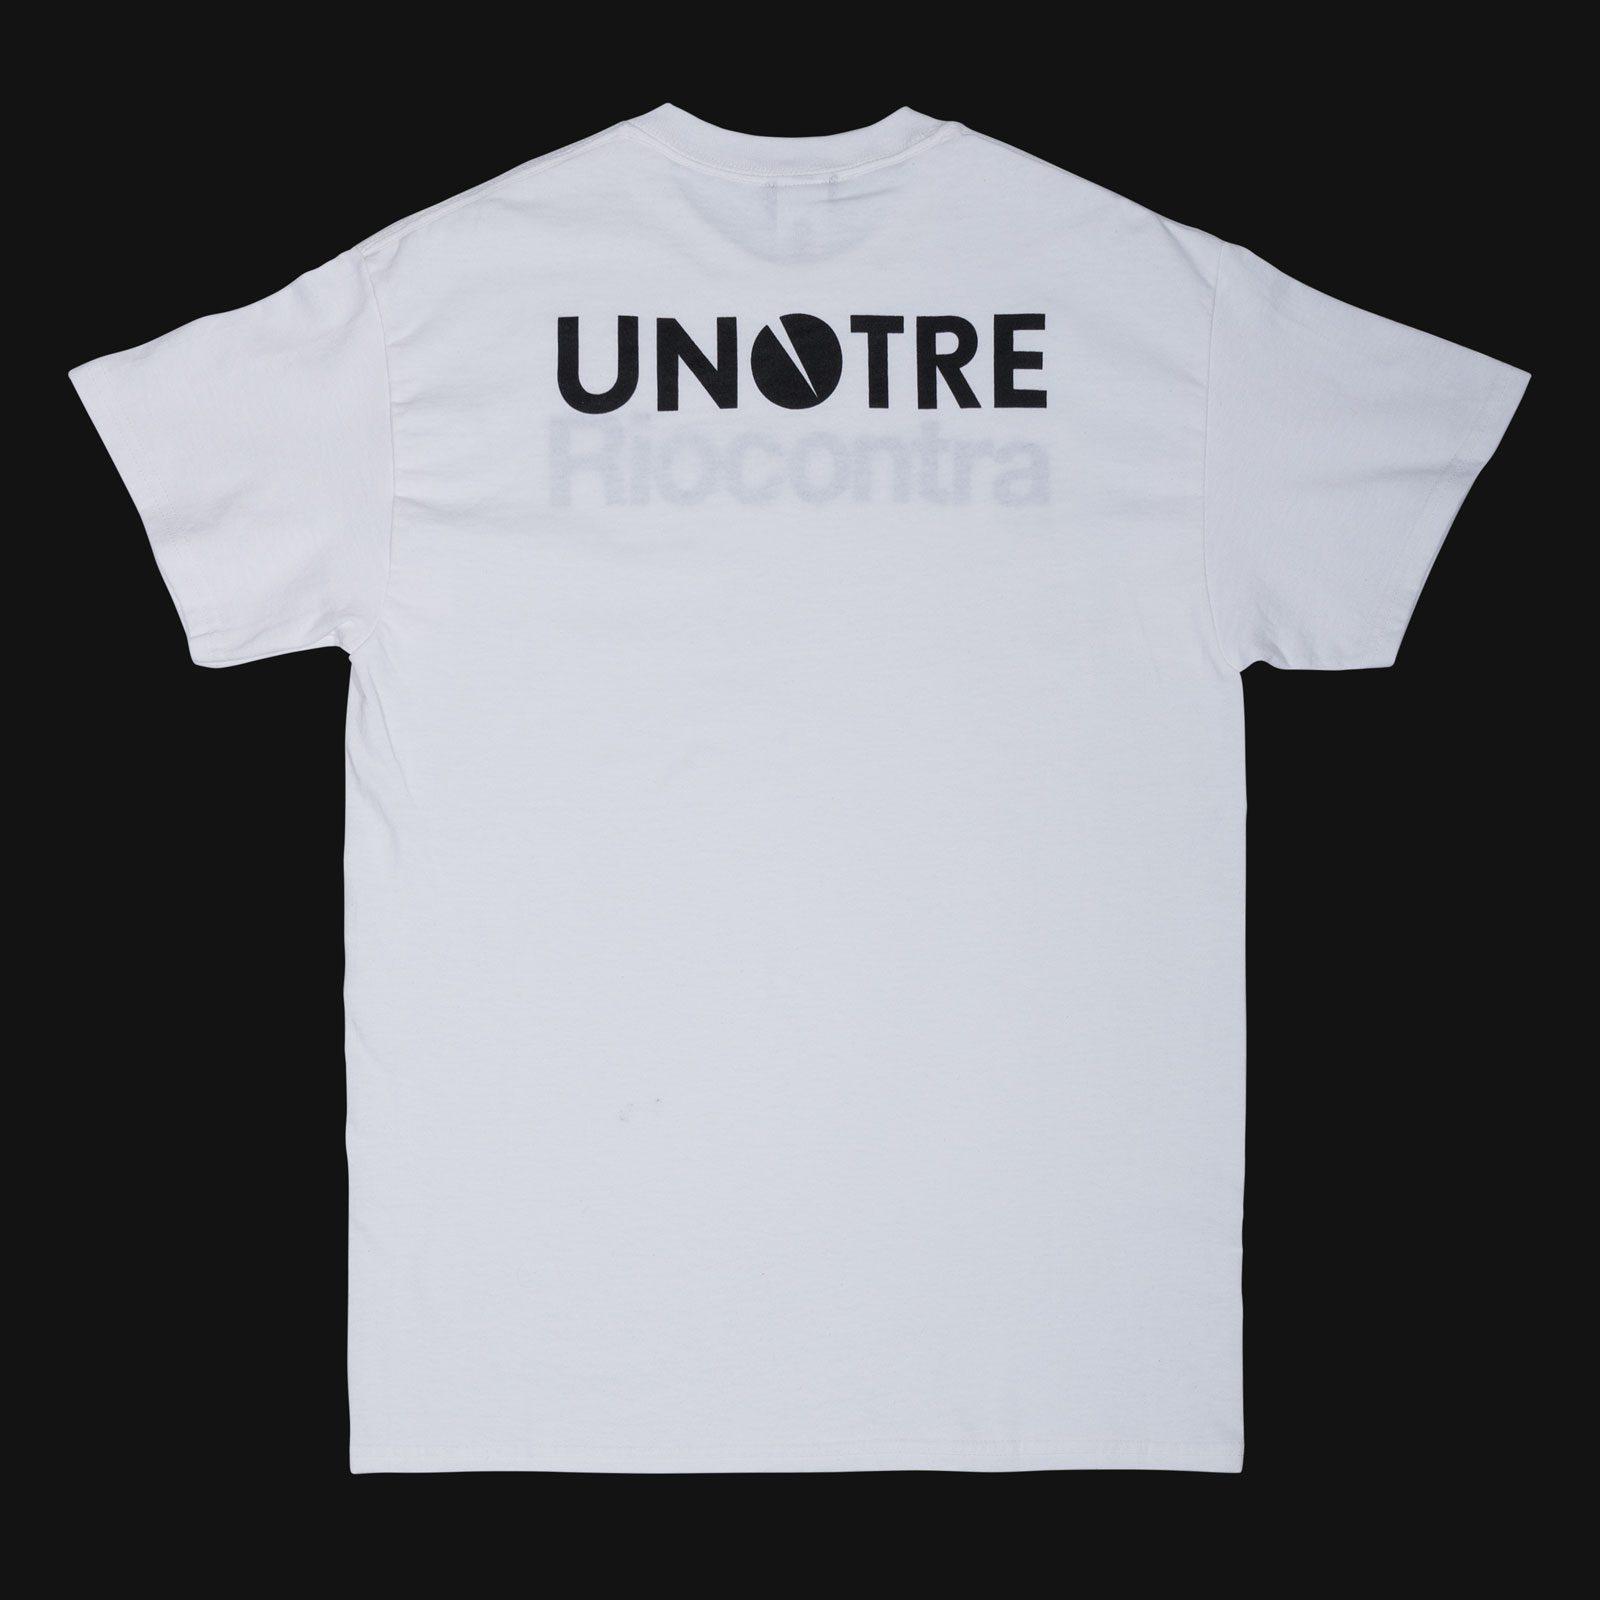 Double sense tshirt UNOTRE